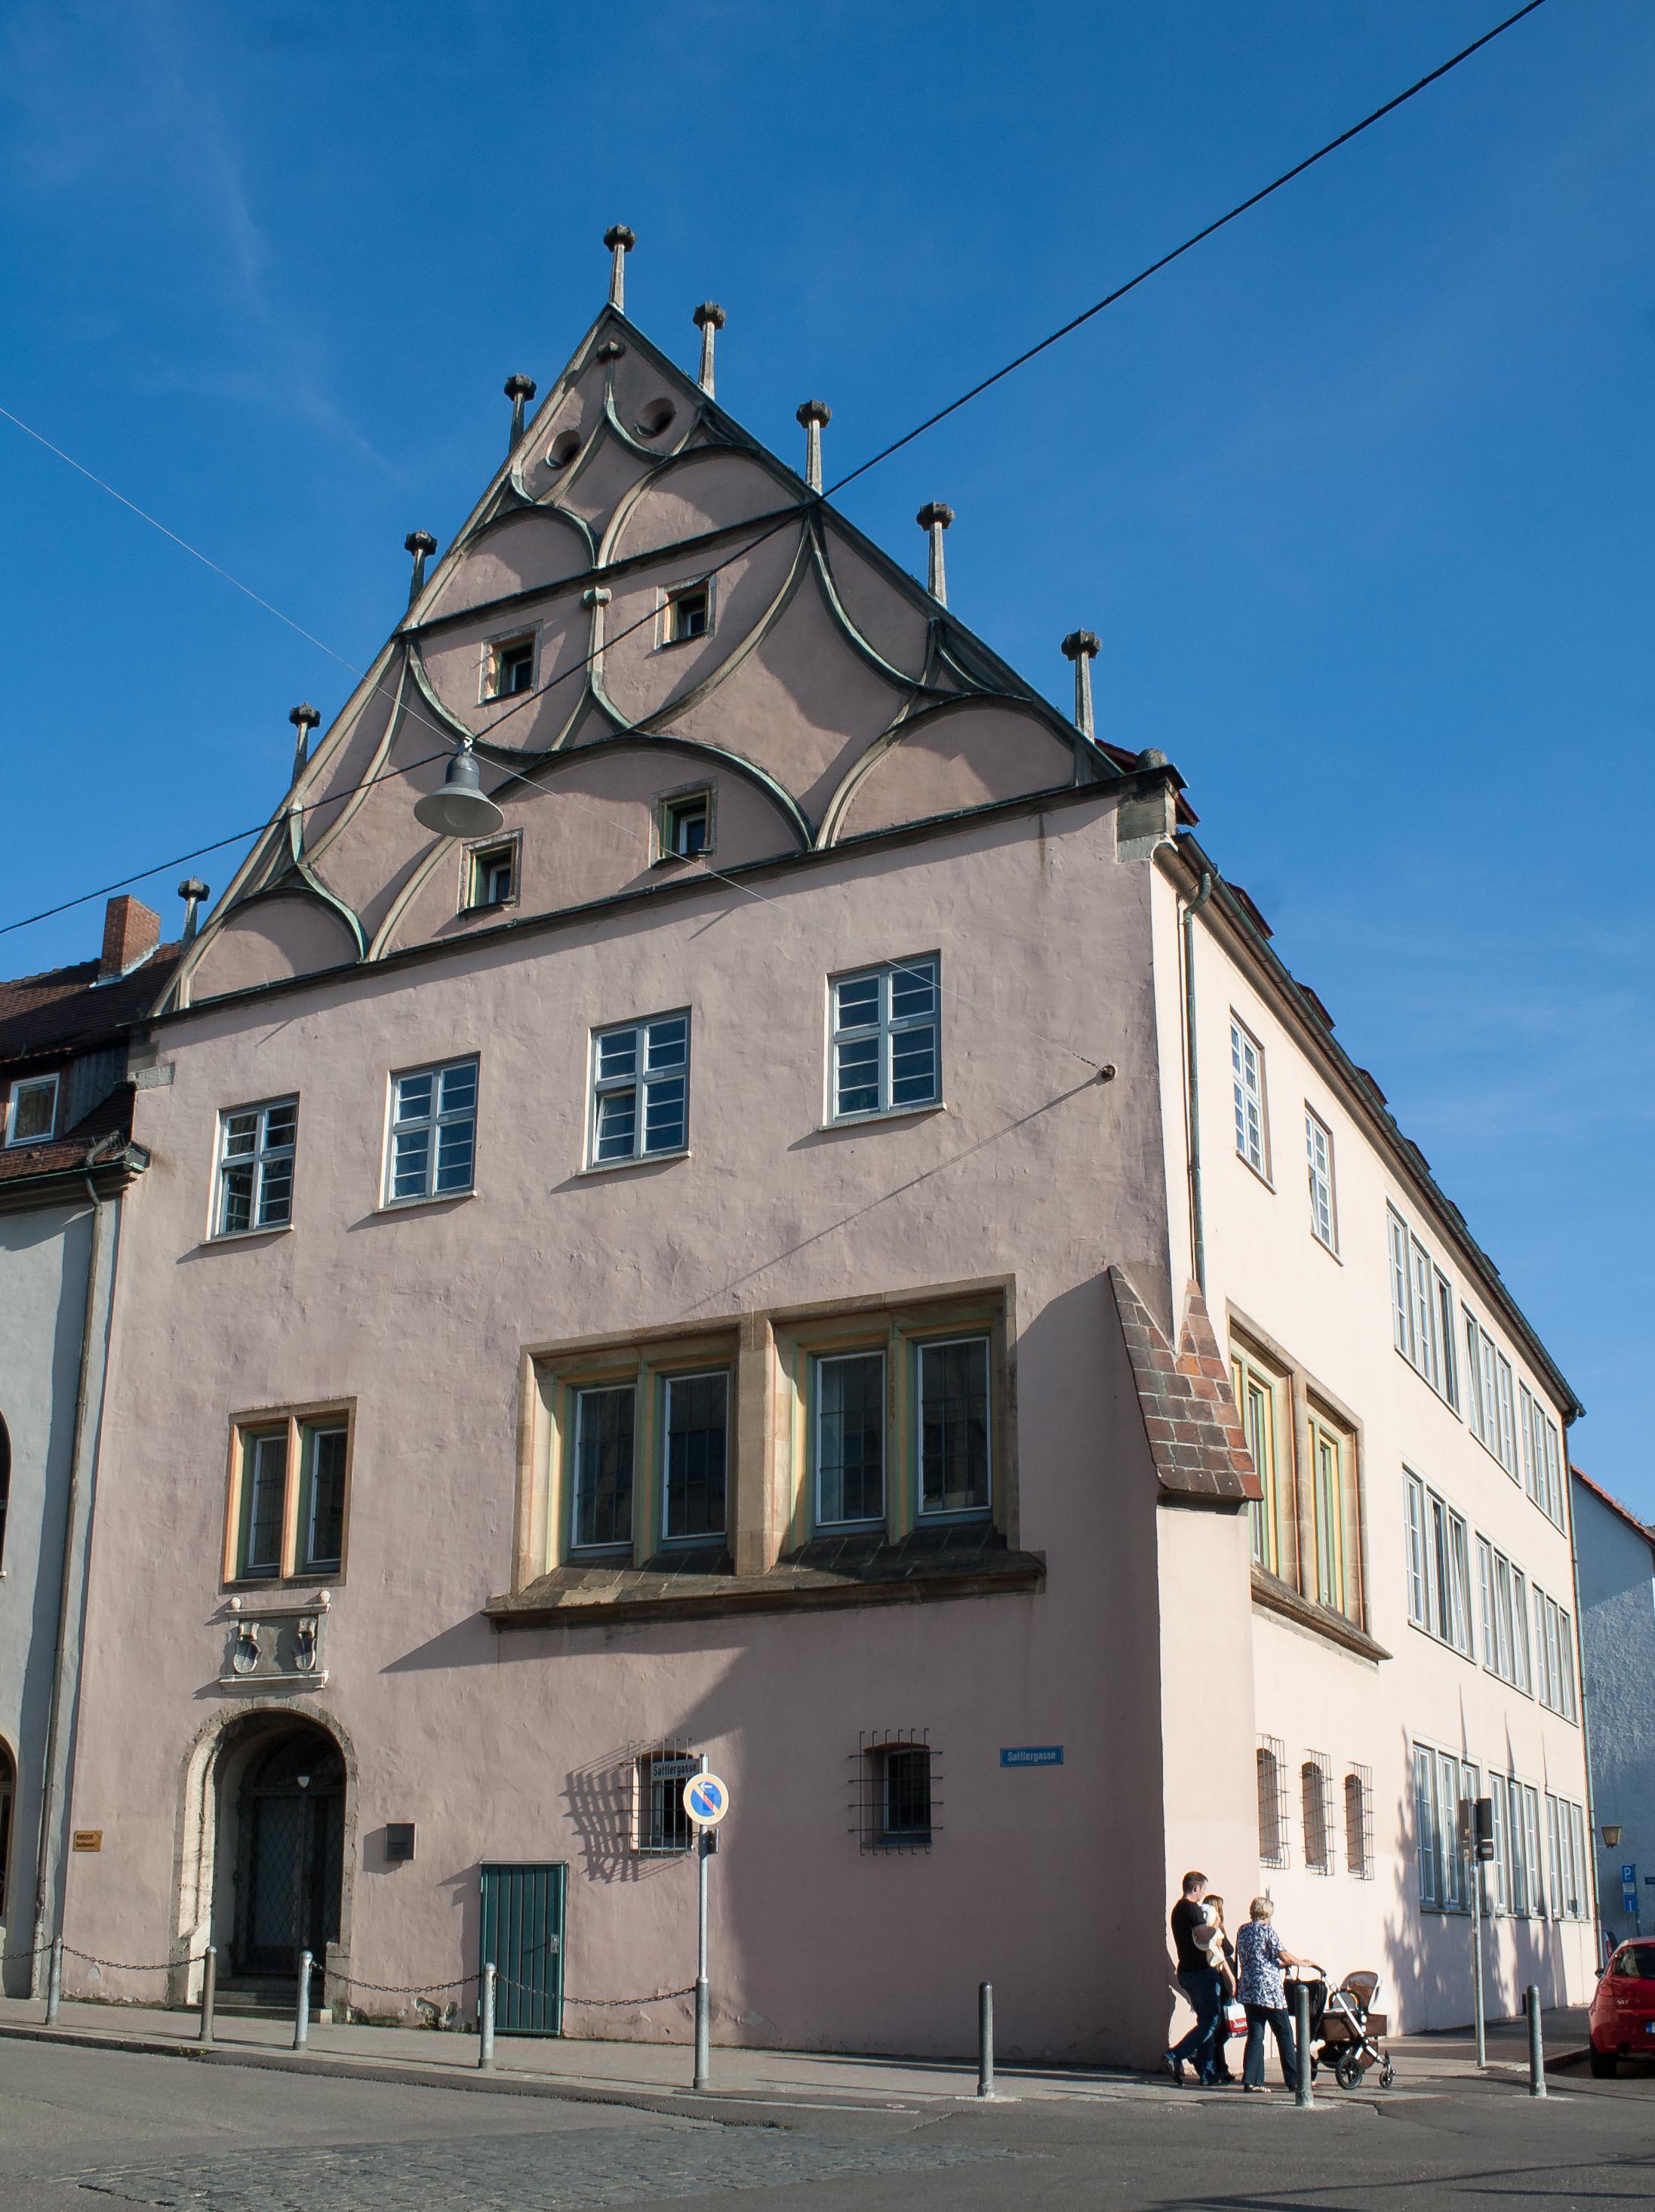 Ulm_Sattlergasse_2_Steuerhaus_2011_09_15.jpg